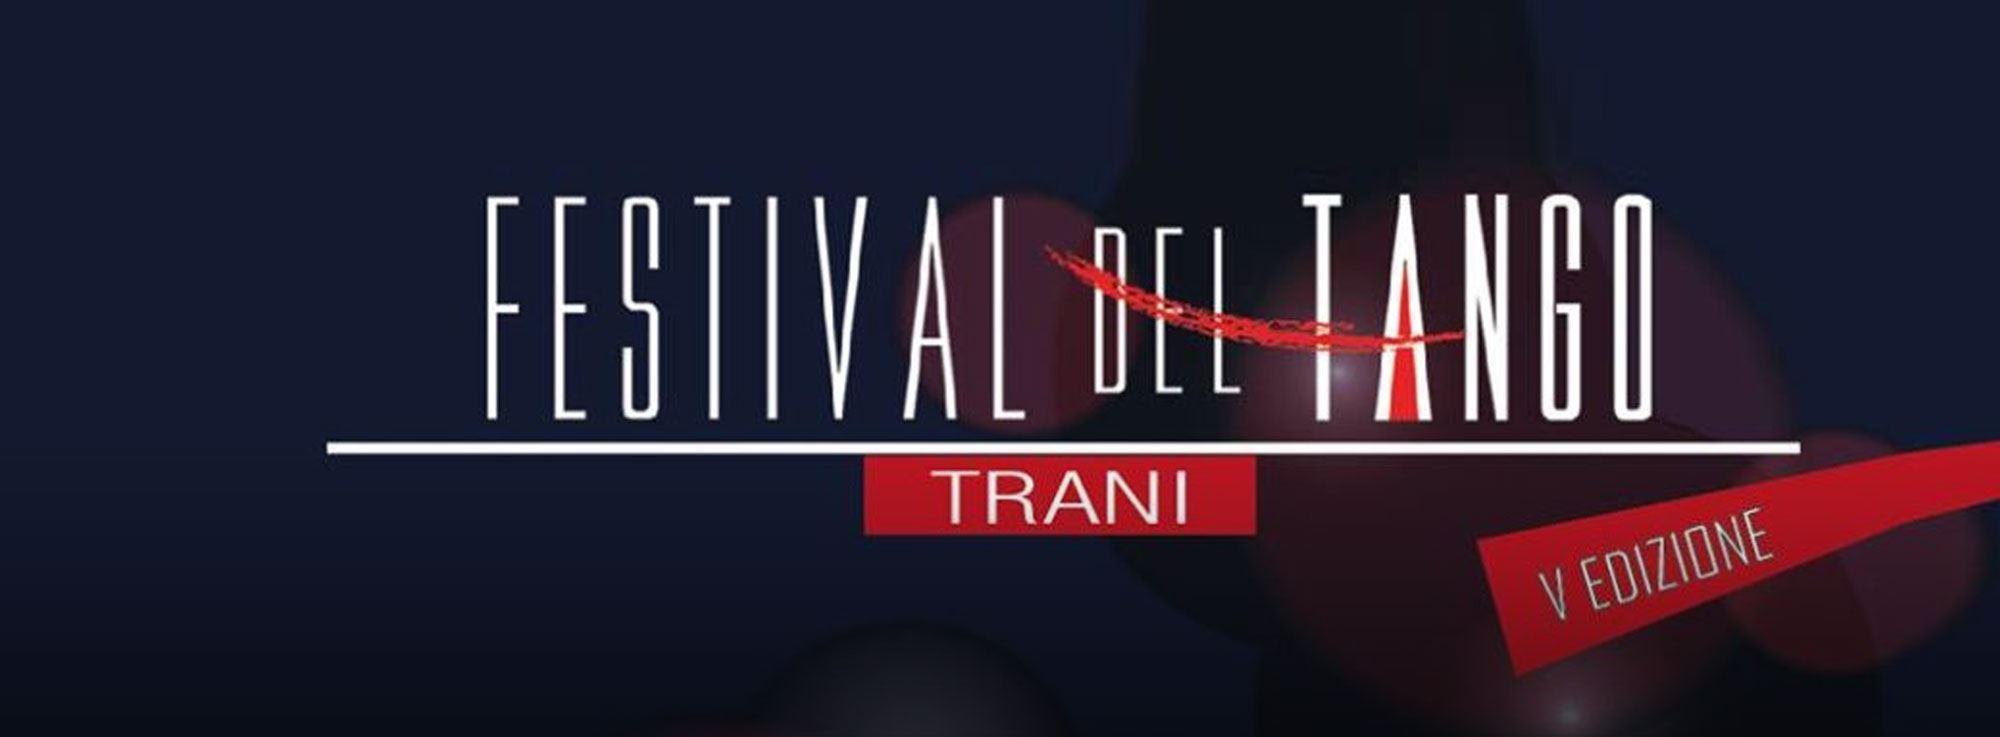 Trani: Festival del tango